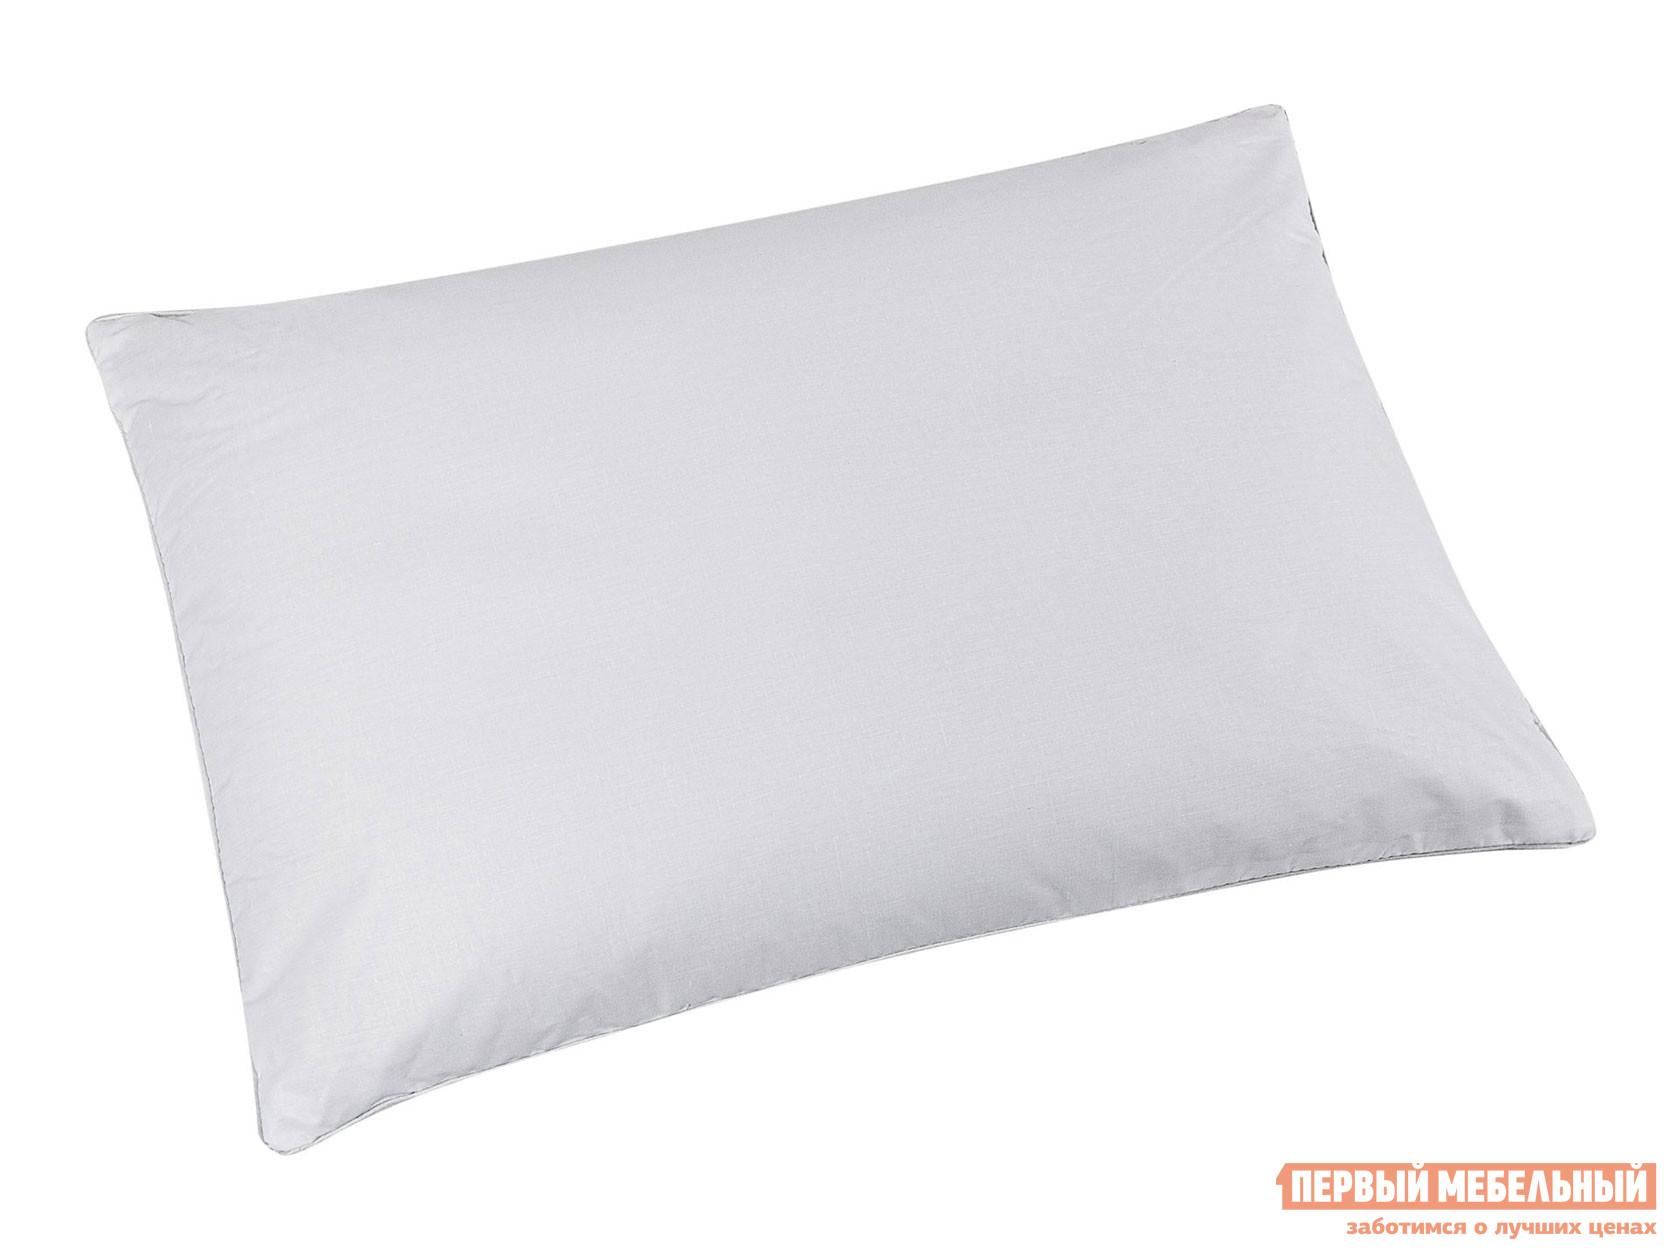 Подушка  Гречиха ПРЕМИУМ Белый, 500 Х 700 мм Текстиль Про 114999